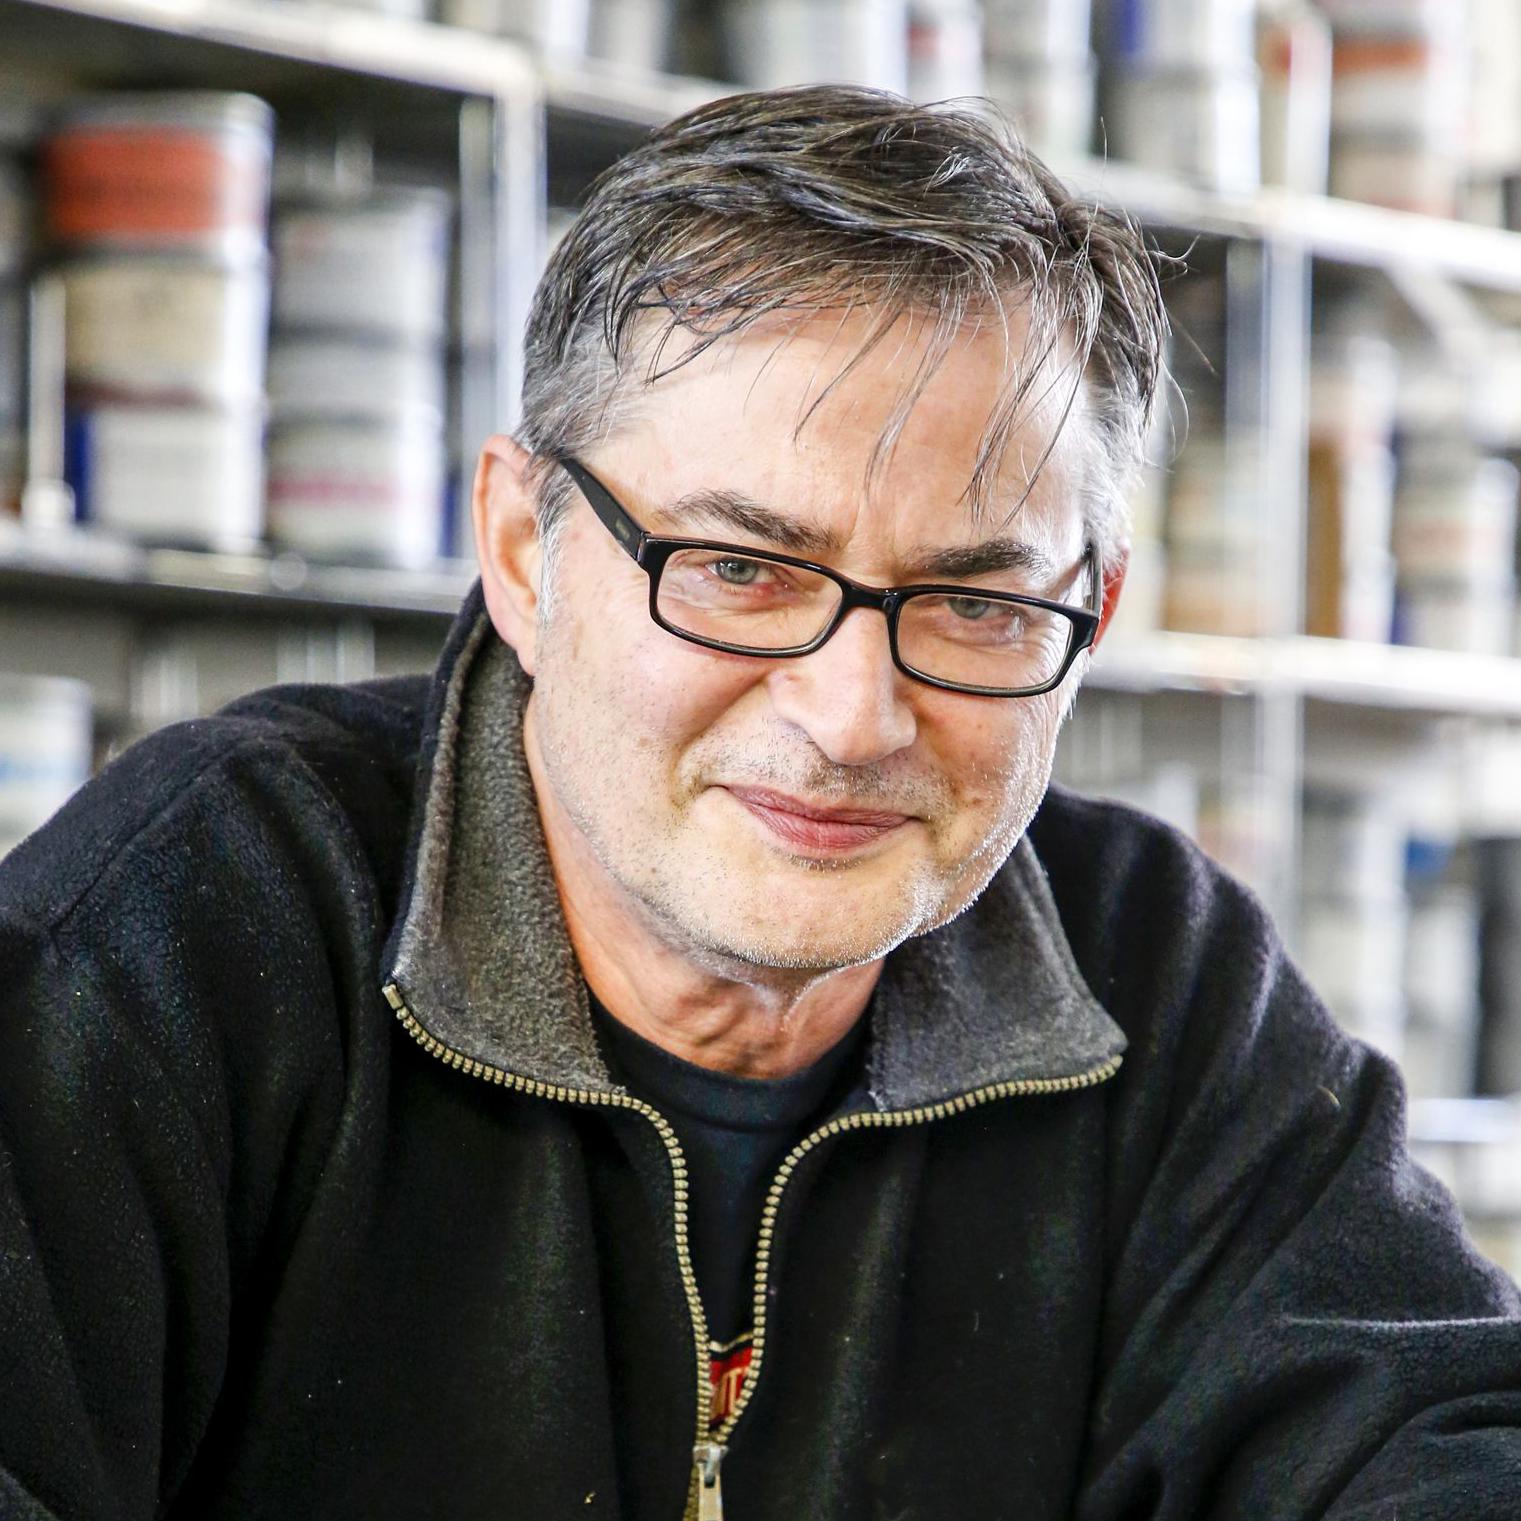 Gerald Zaczyk